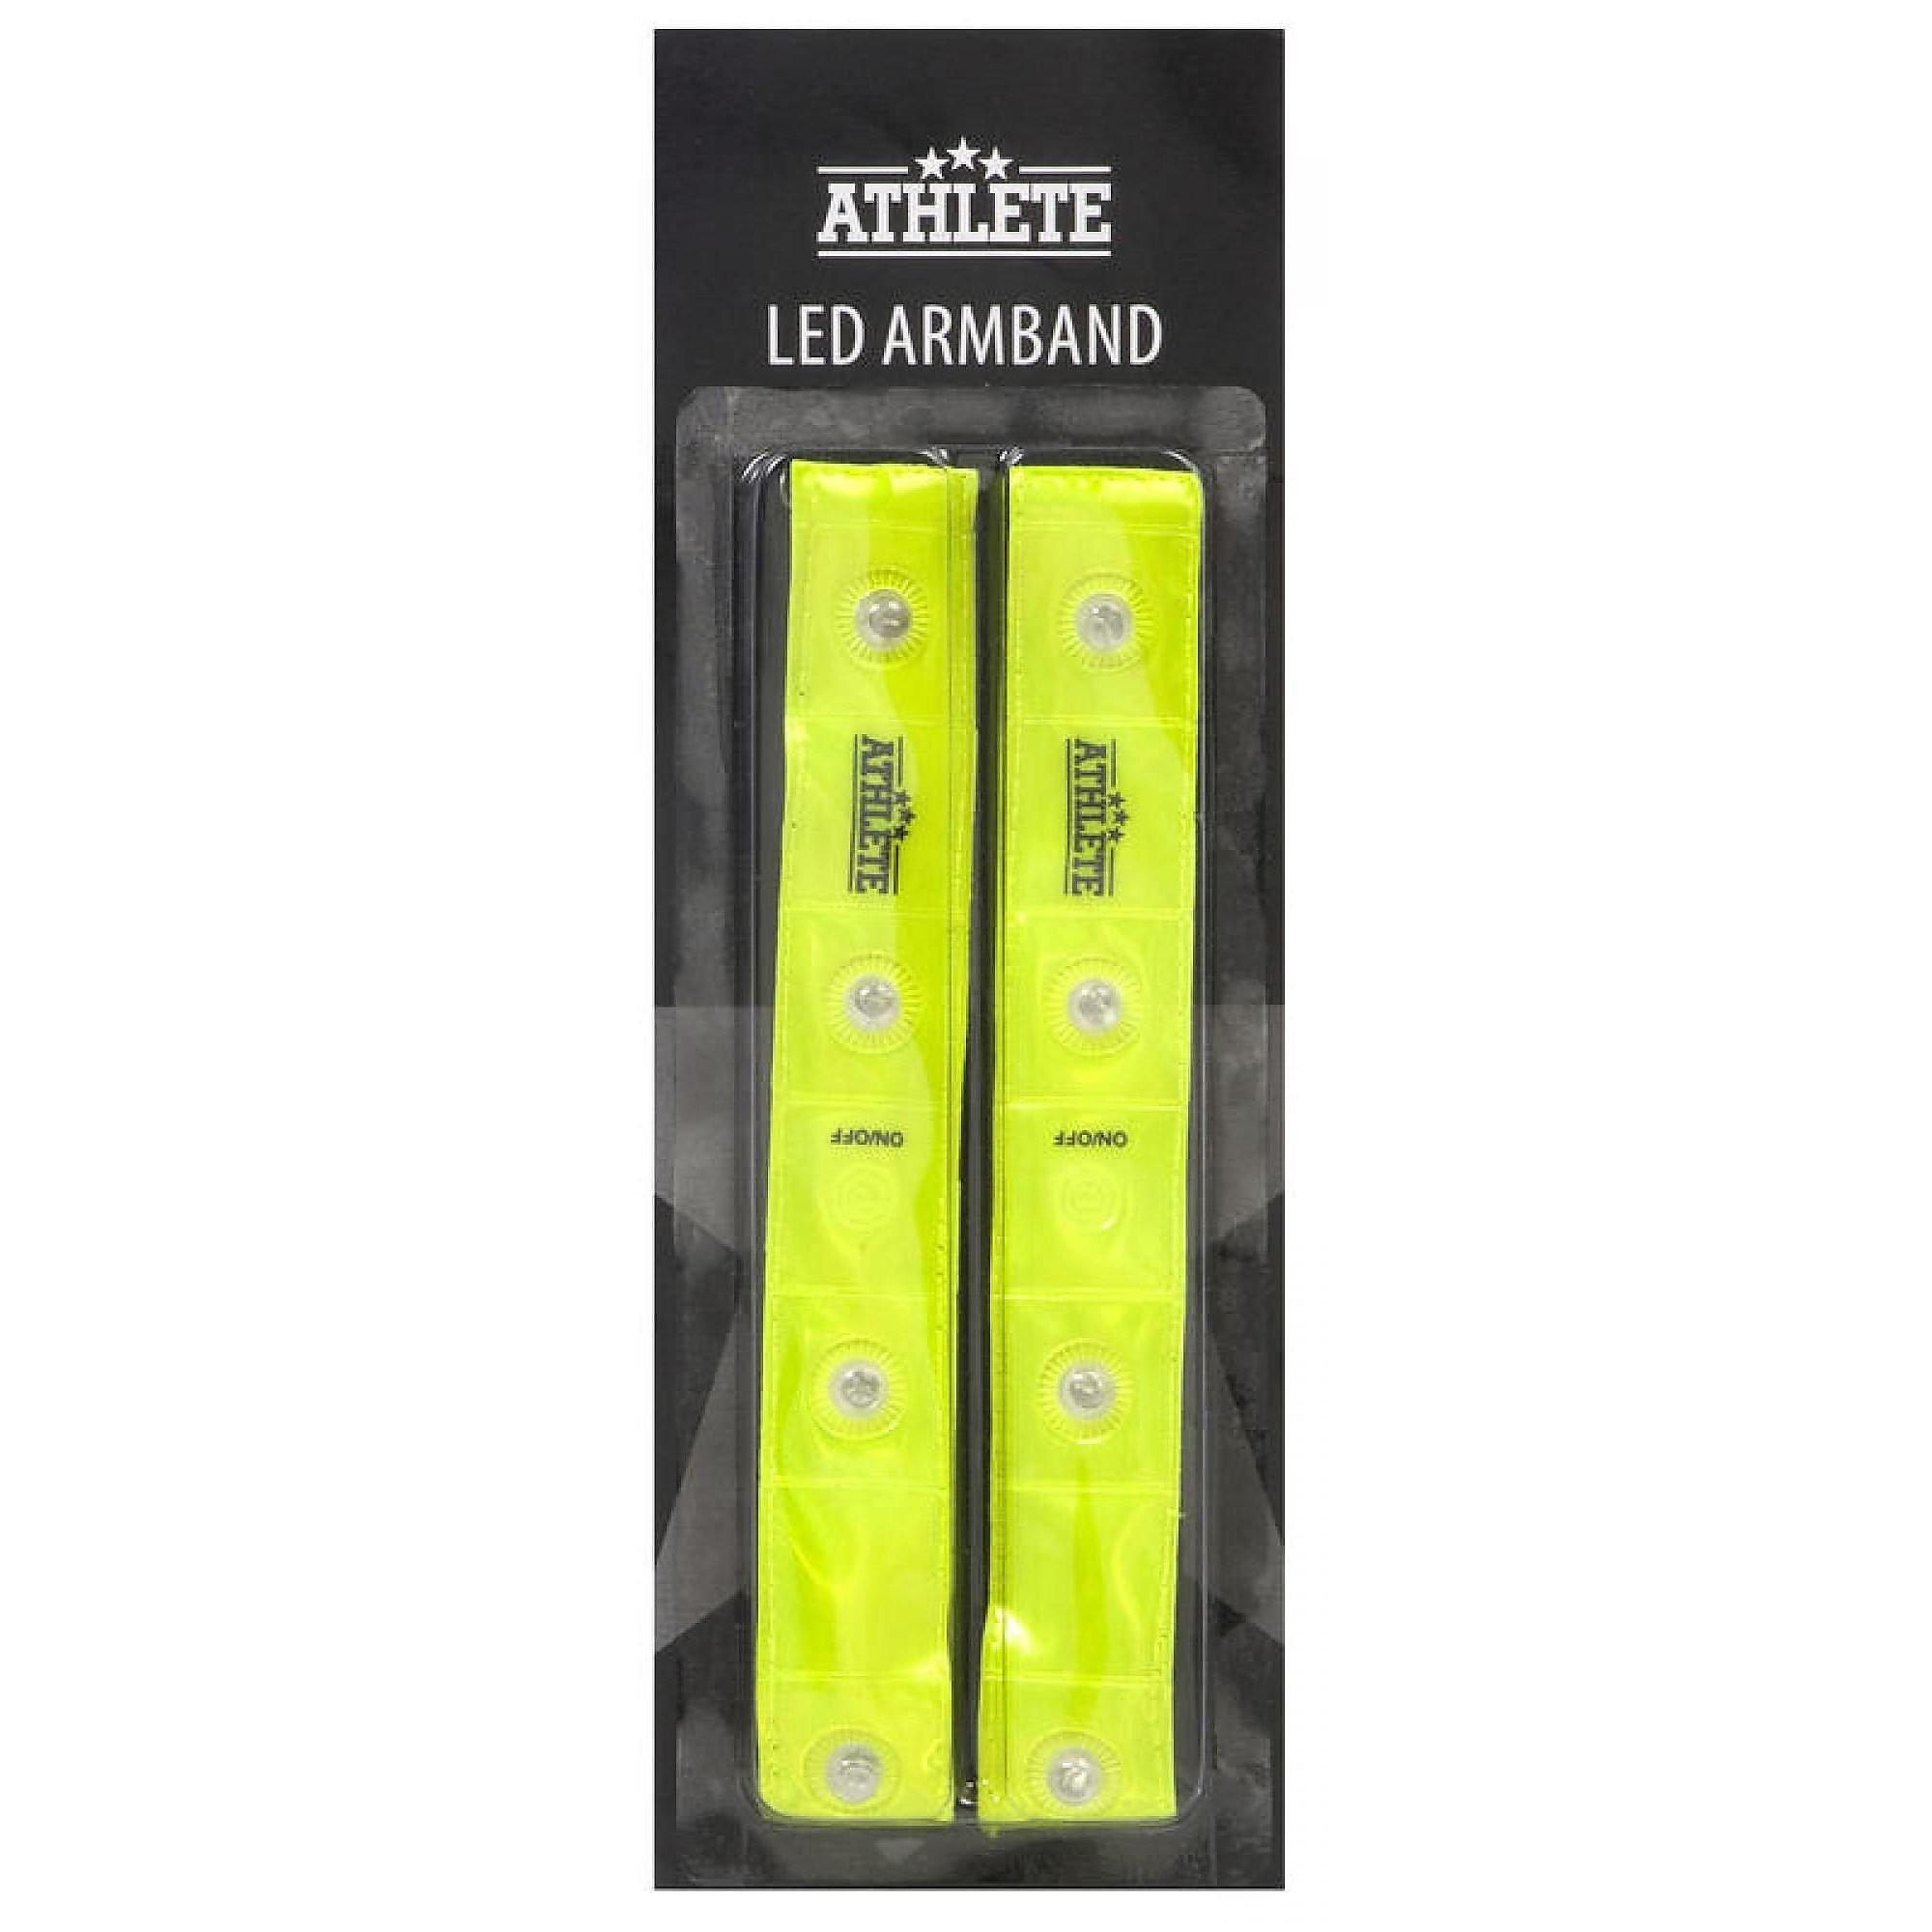 ATHLETE LED ARMBAND